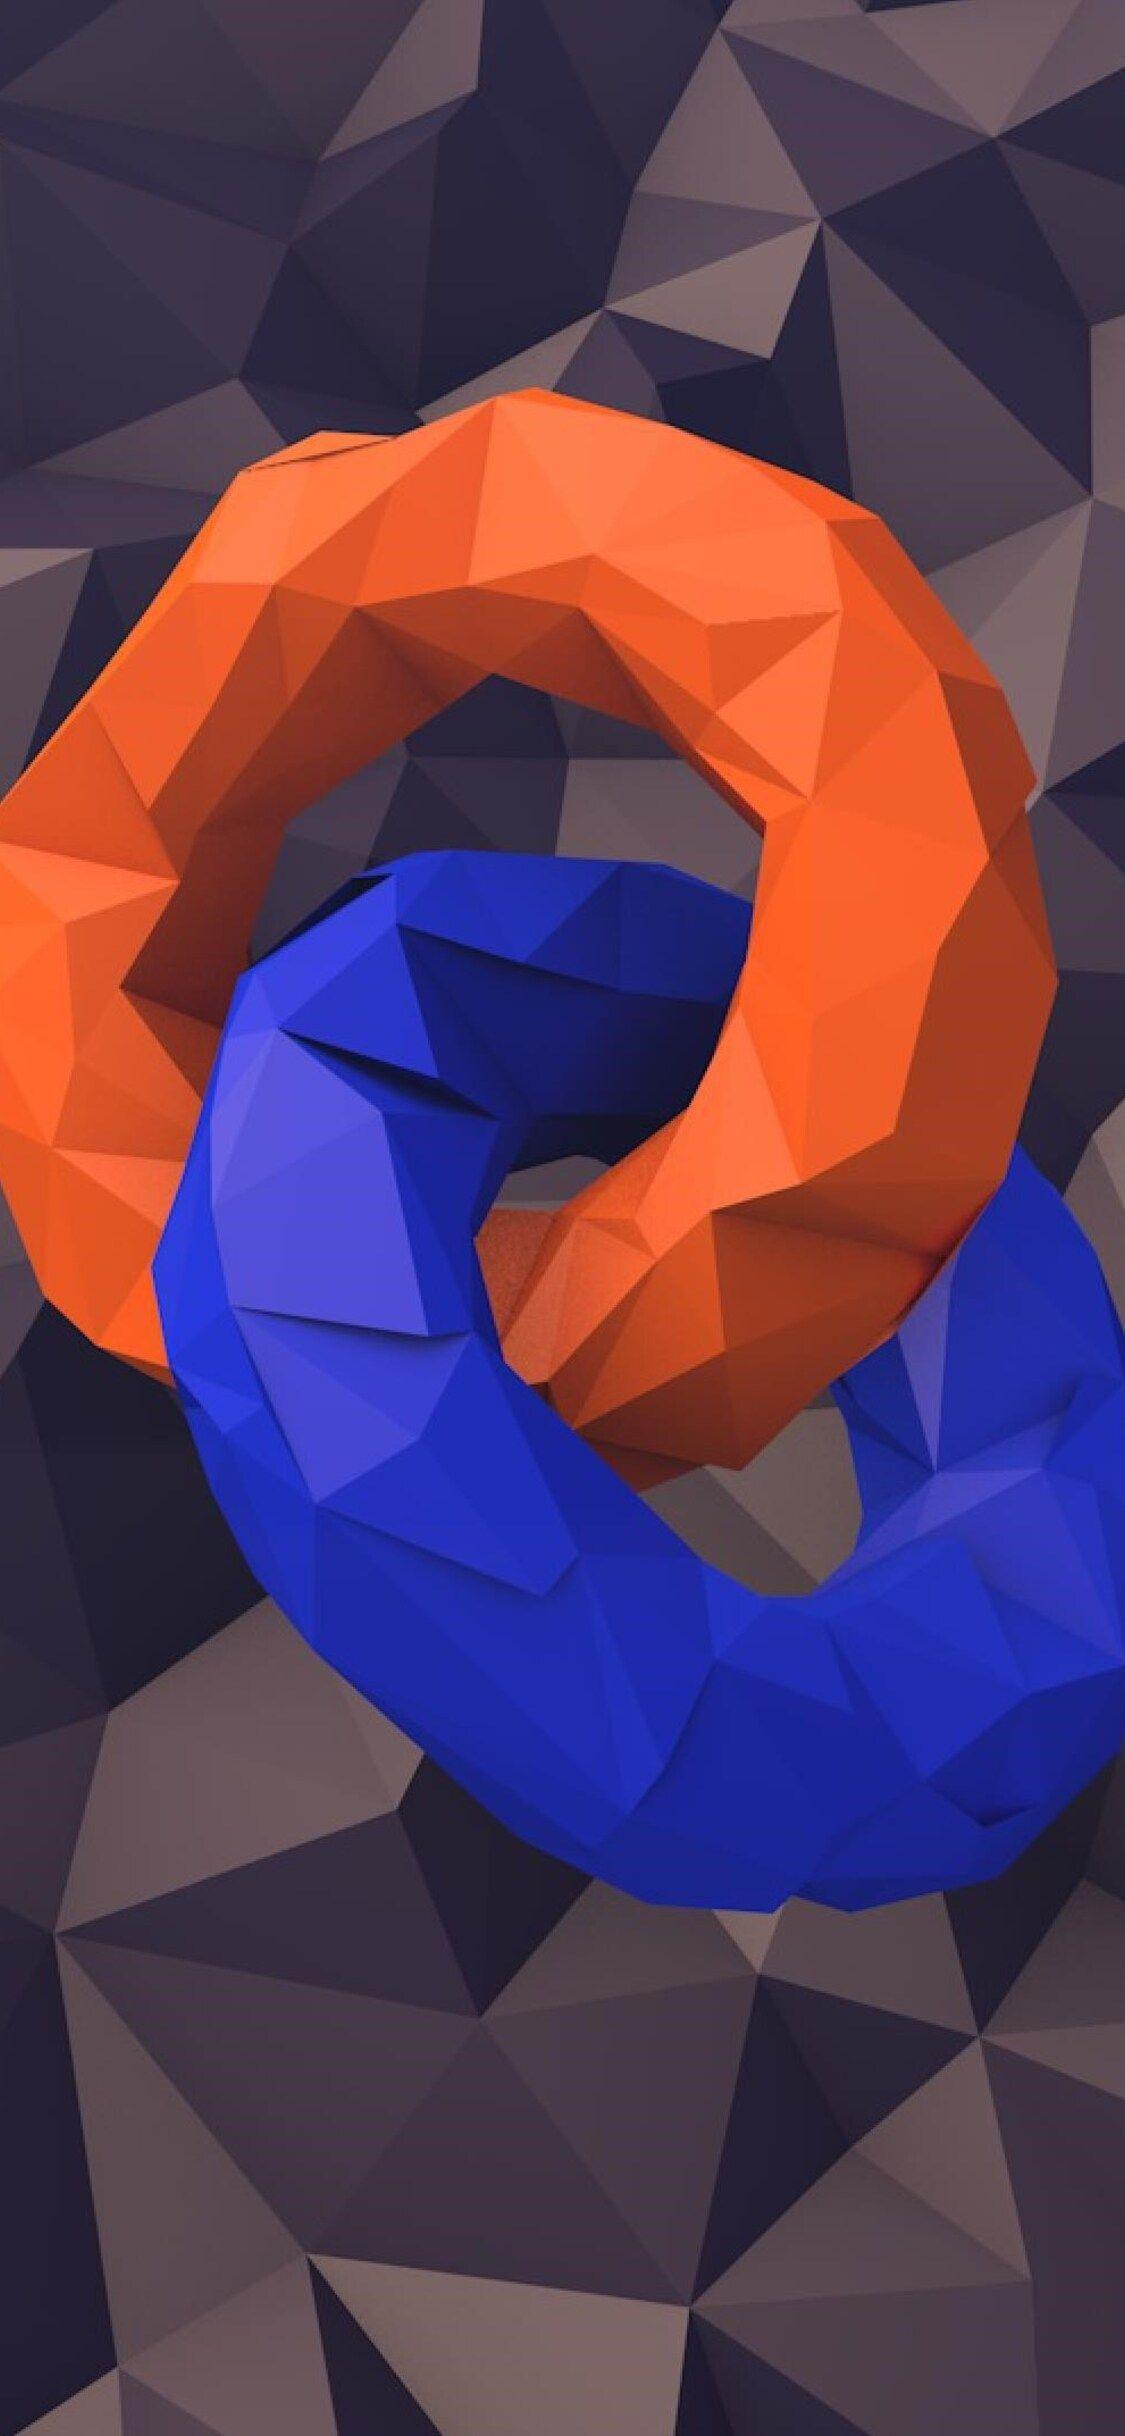 Circles Abstract iPhone X 4K Wallpaper